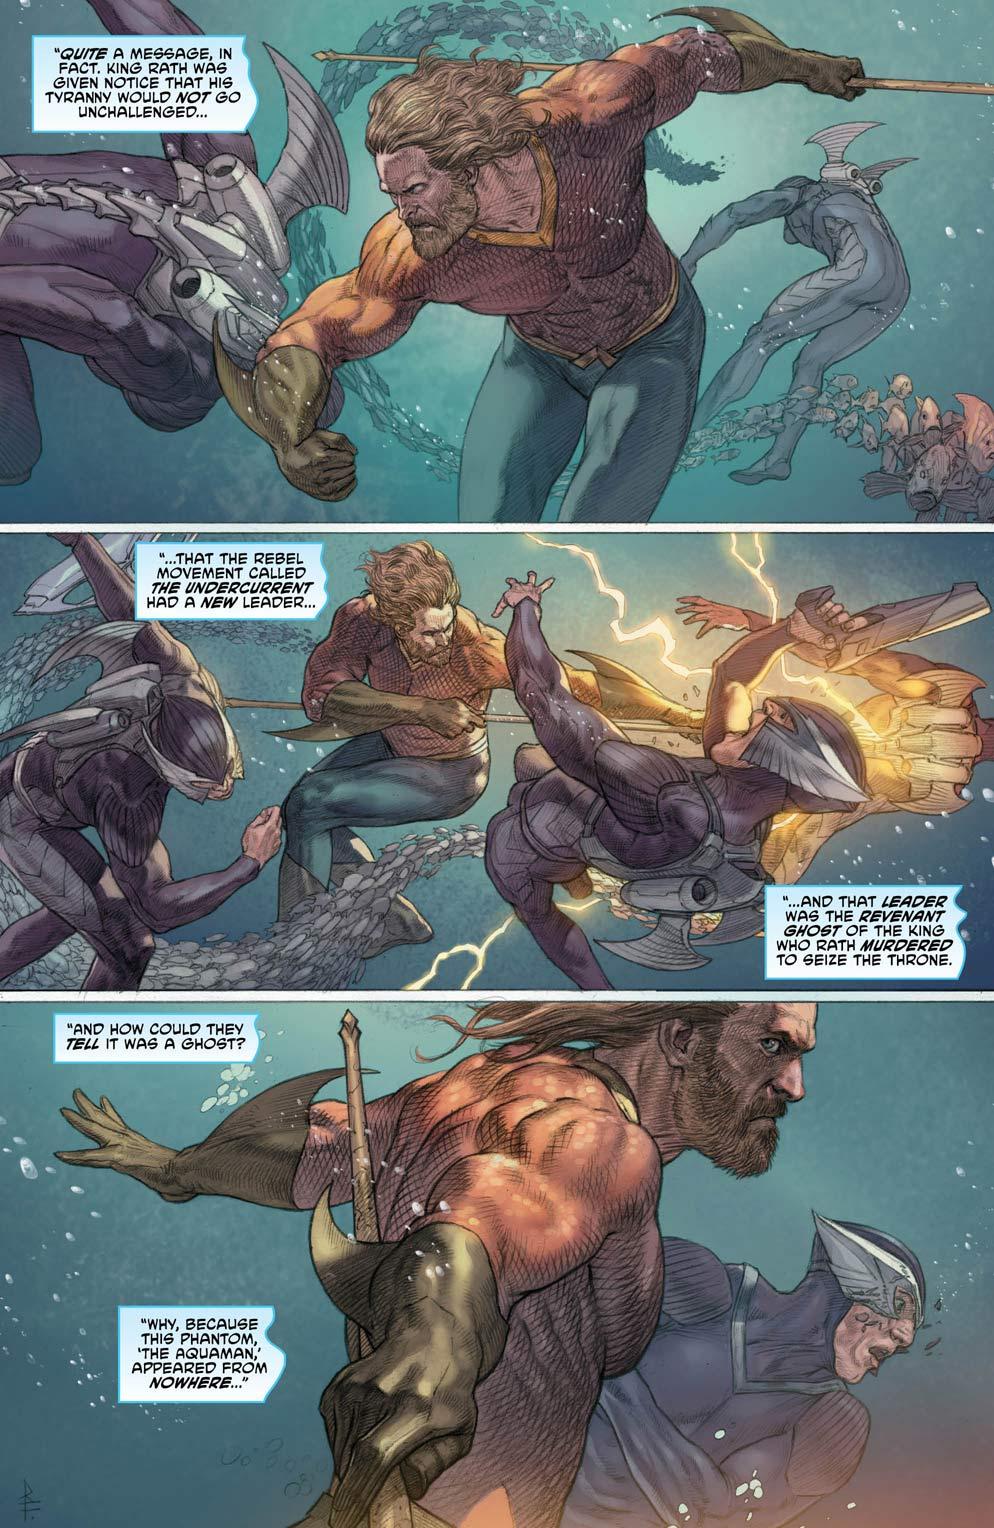 Aquaman 31_4 - DC Comics News